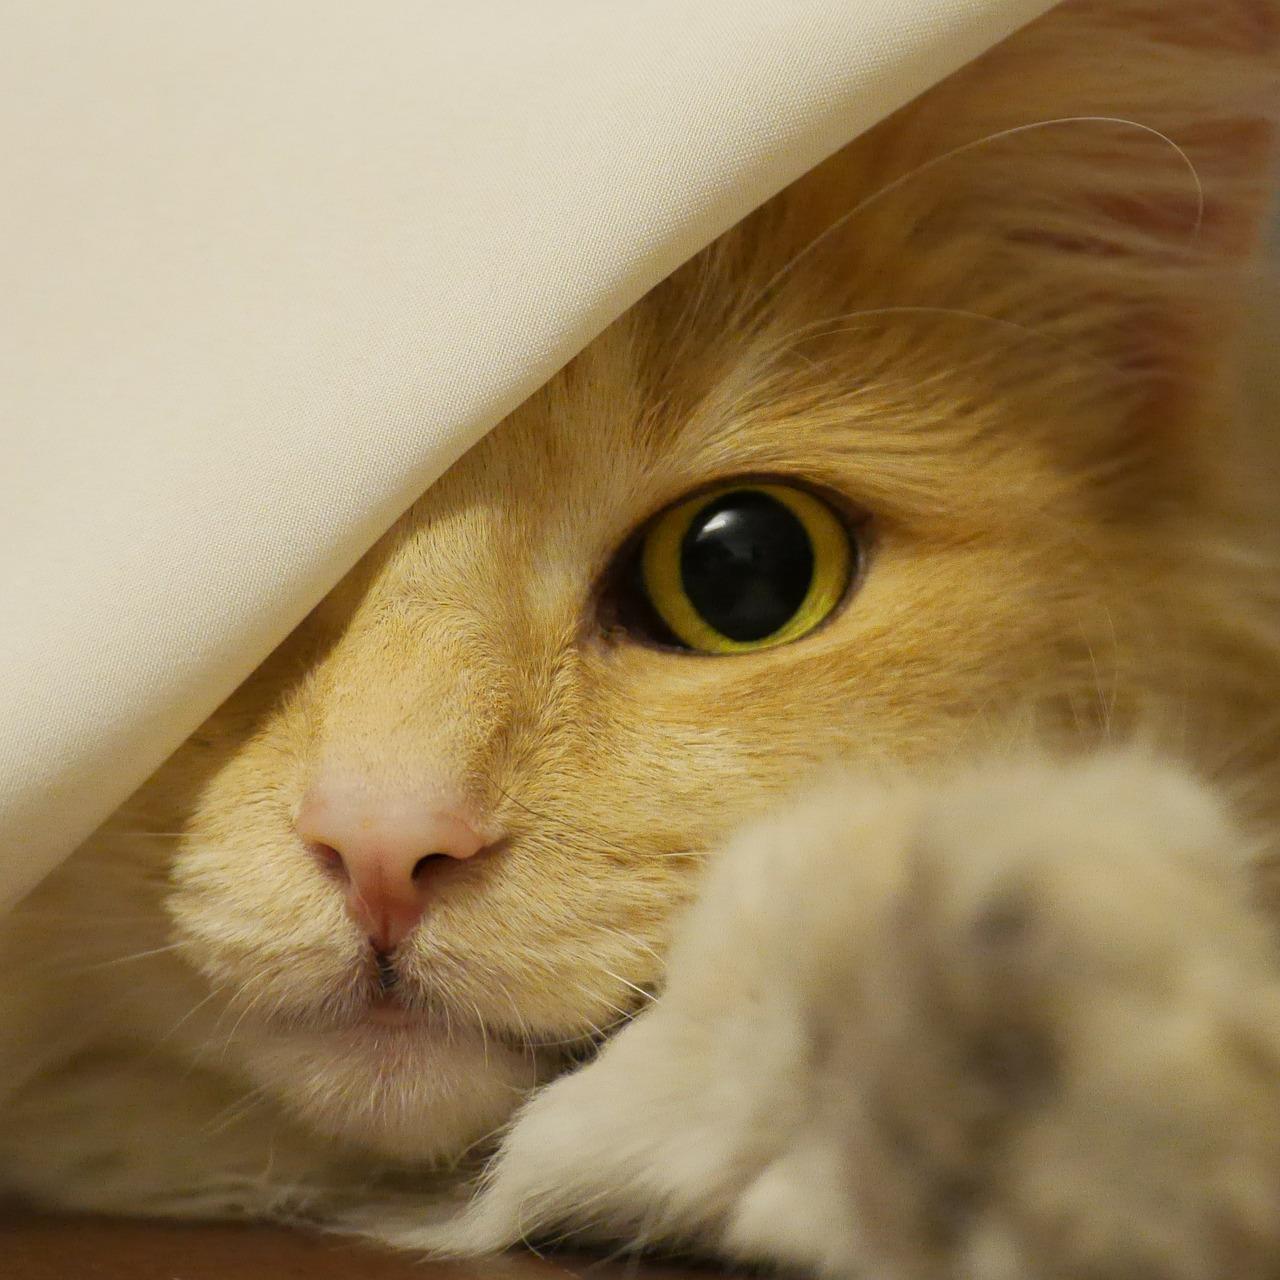 Um dreifarbige Katzen zhu bekommen, braucht es ein rotes Elterntier. |Foto: Thomaspedrazzoli - pixabay.com